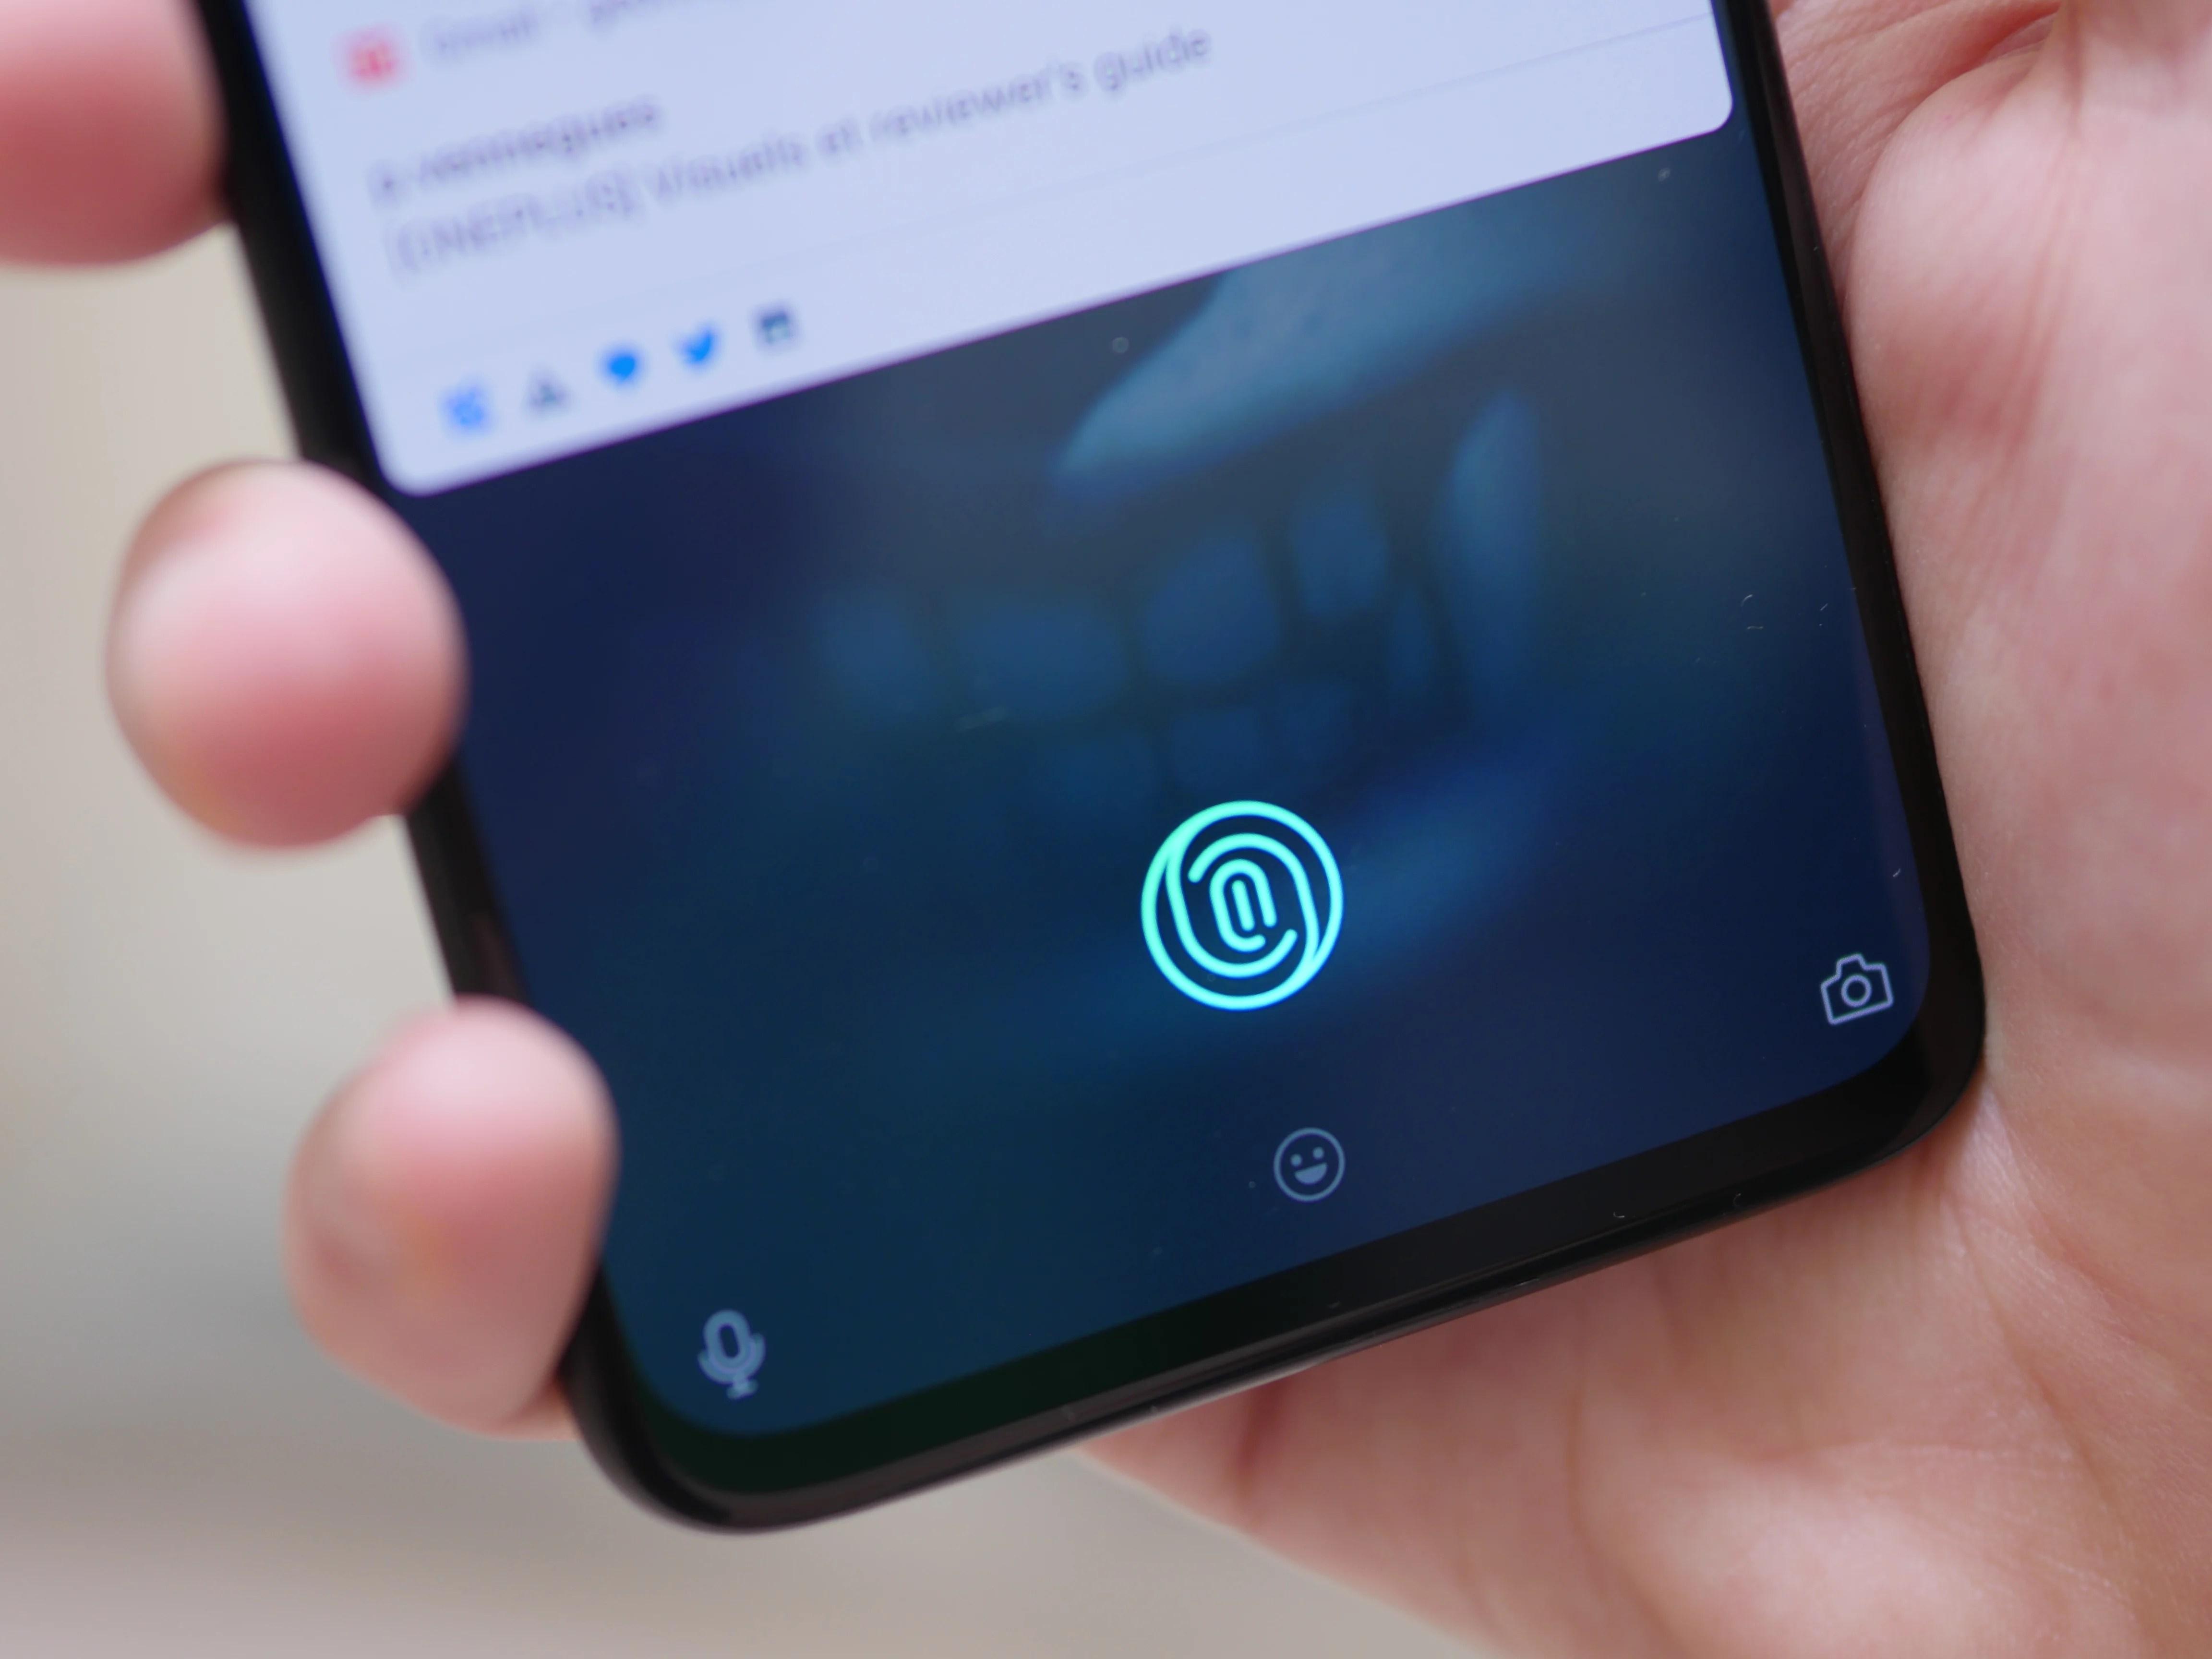 Désormais certifié FIDO2, Android veut rendre les mots de passe obsolètes – MWC 2019